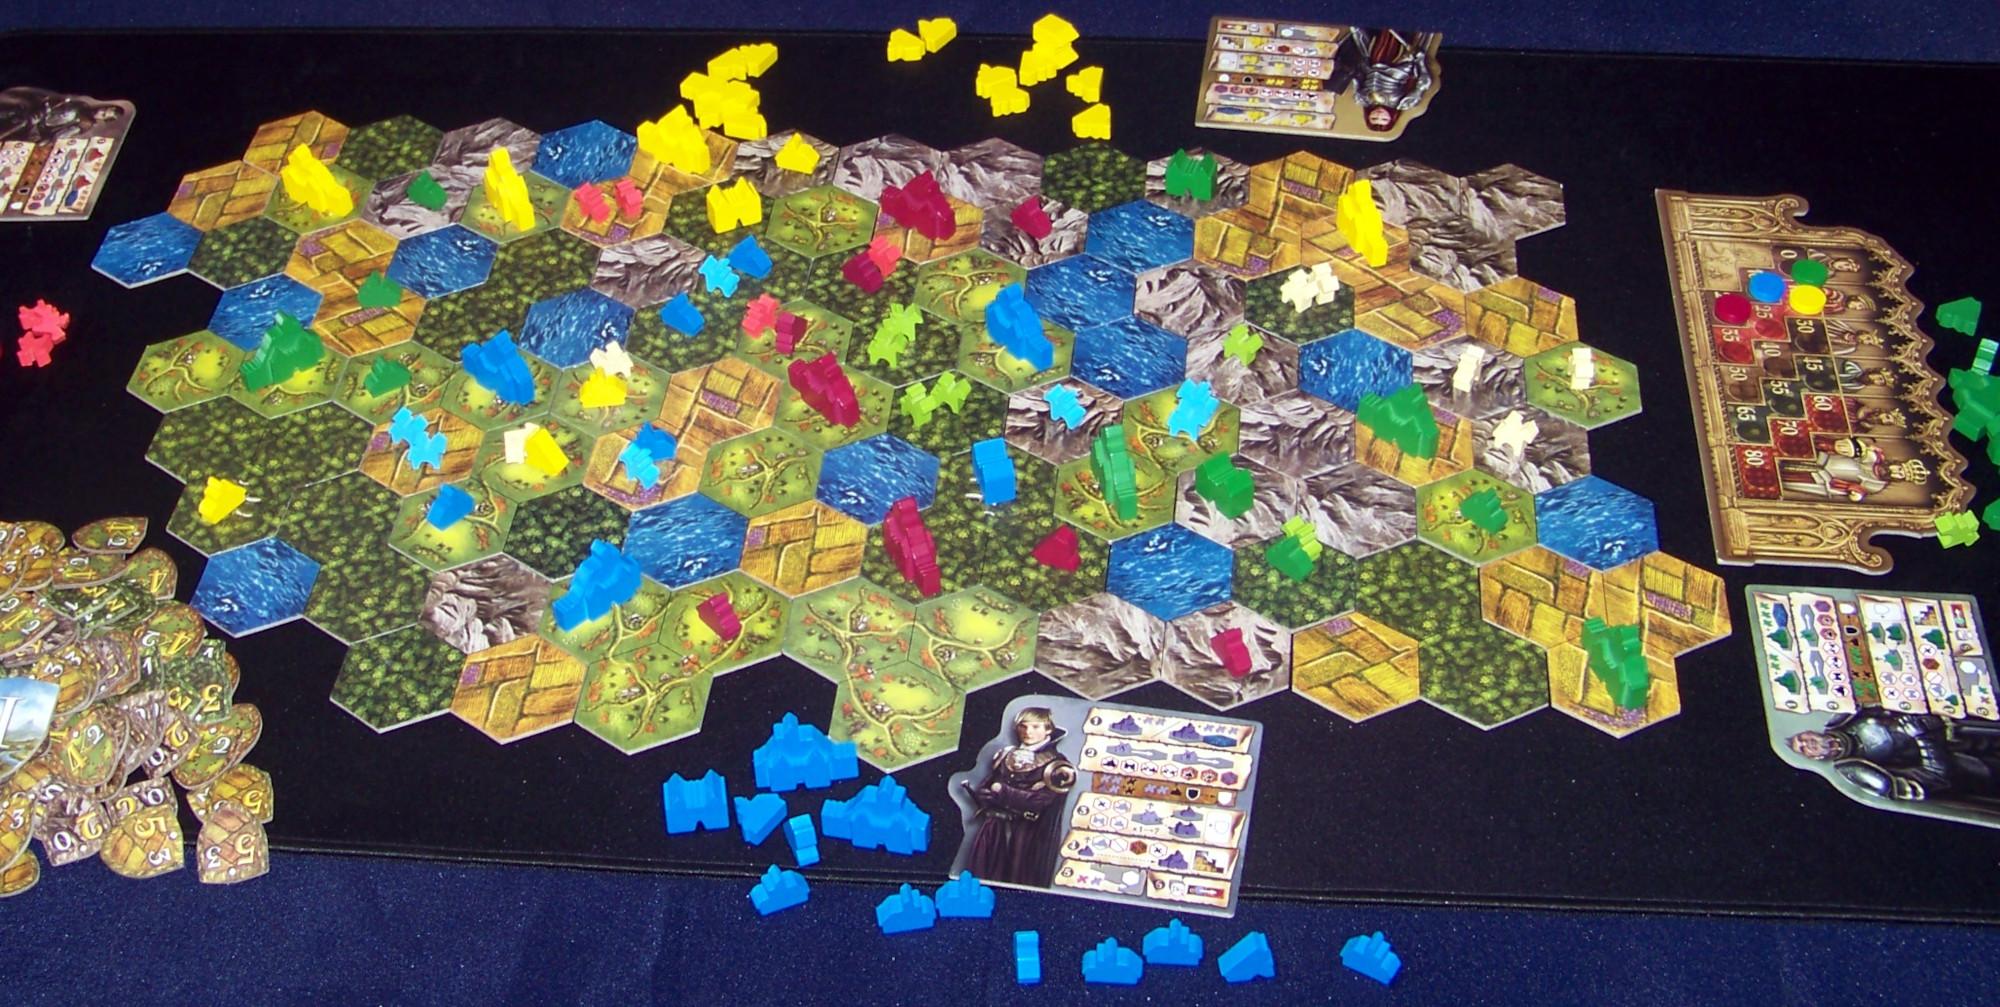 Despliegue del juego de mesa Barony